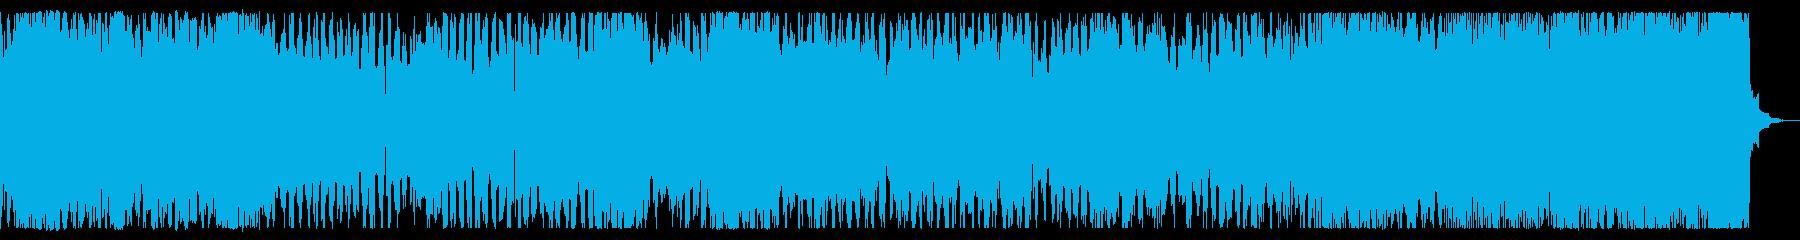 3連リズムの勇壮コミカルなチップチューンの再生済みの波形